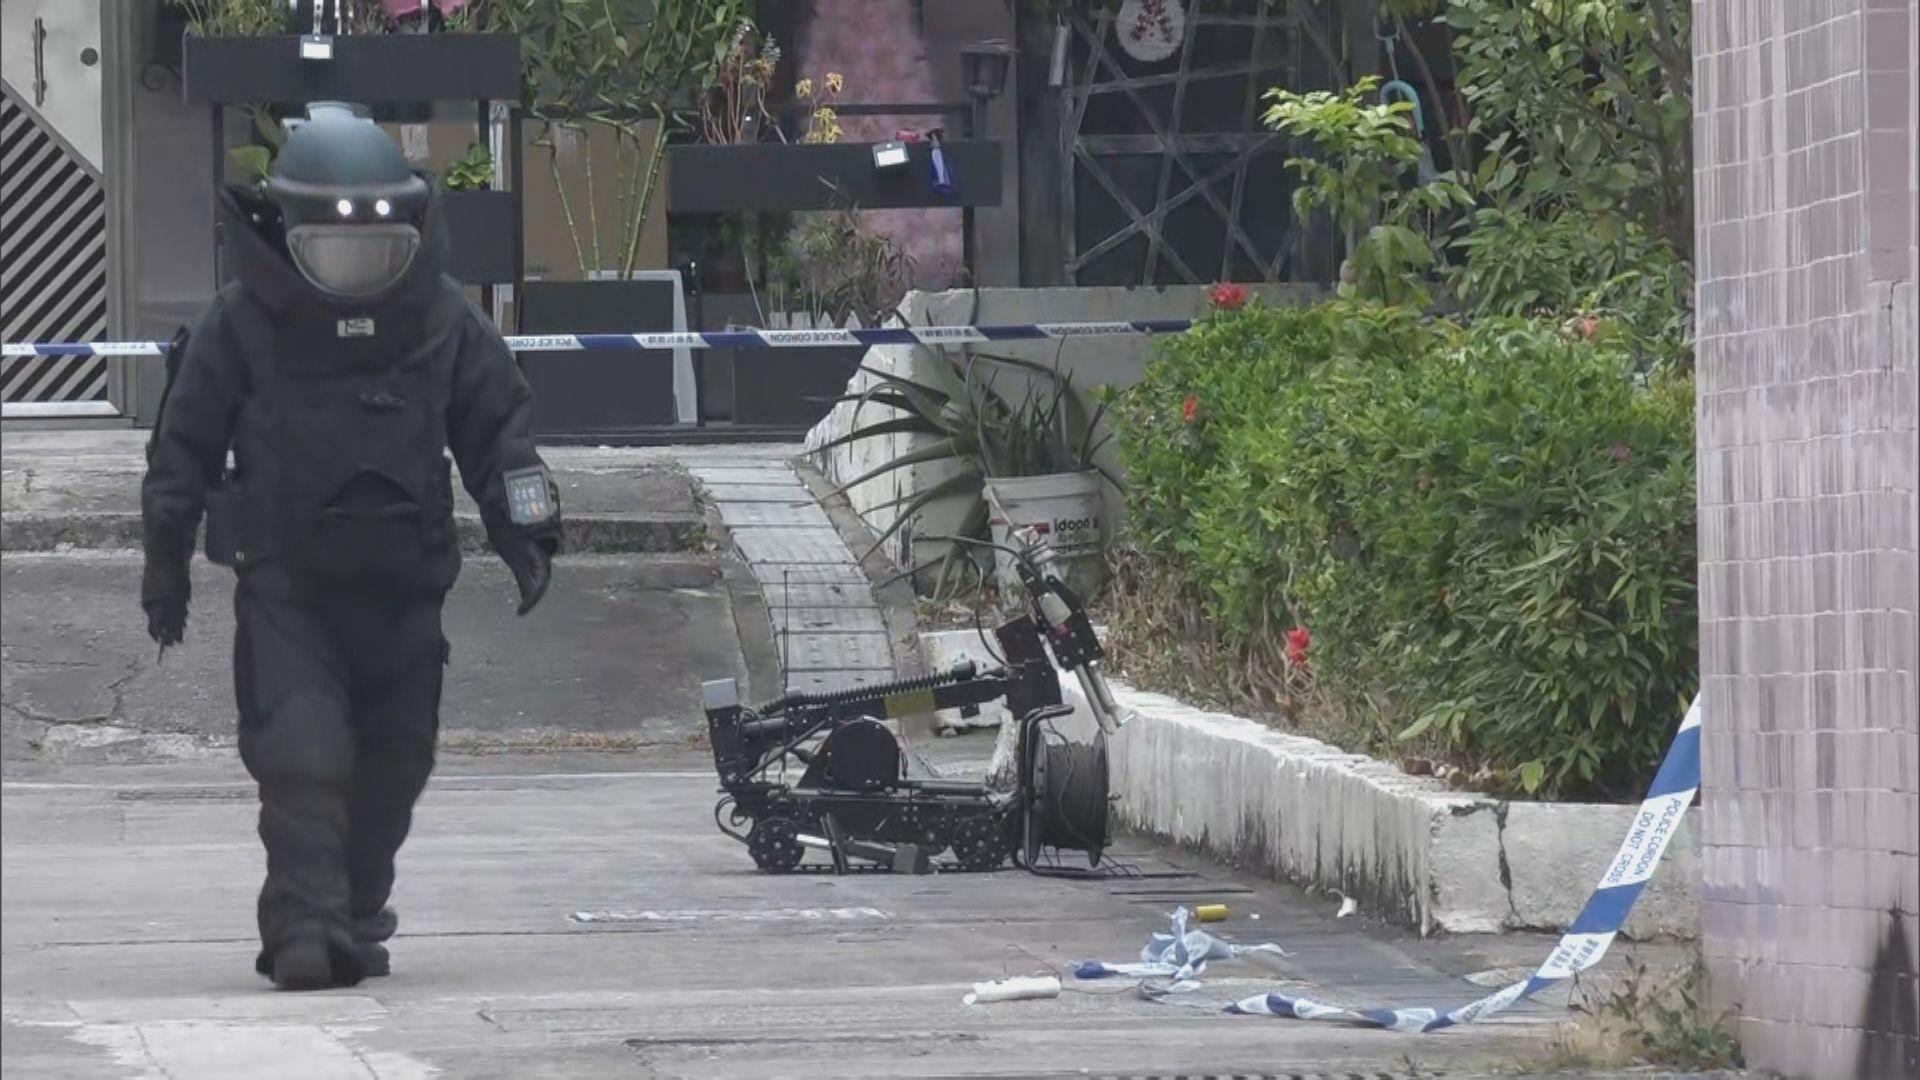 青衣大王下村發現懷疑爆炸品 警方拉起封鎖線